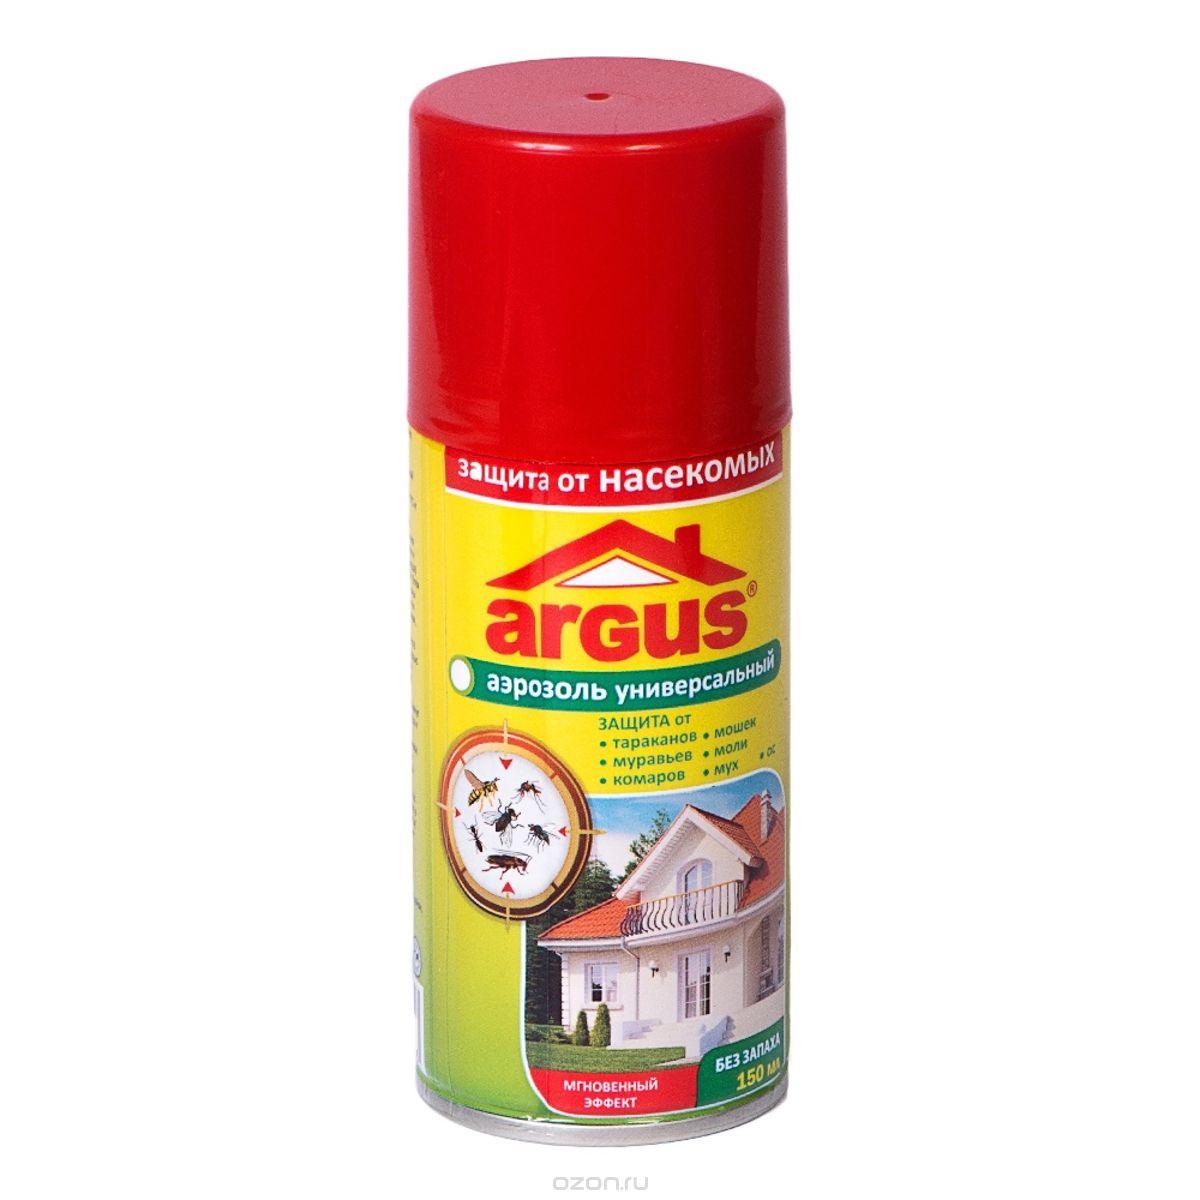 Аэрозоль от кровососущих насекомых Argus, 150 мл средства от насекомых mosquitall аэрозоль универсальная защита от комаров 150 мл